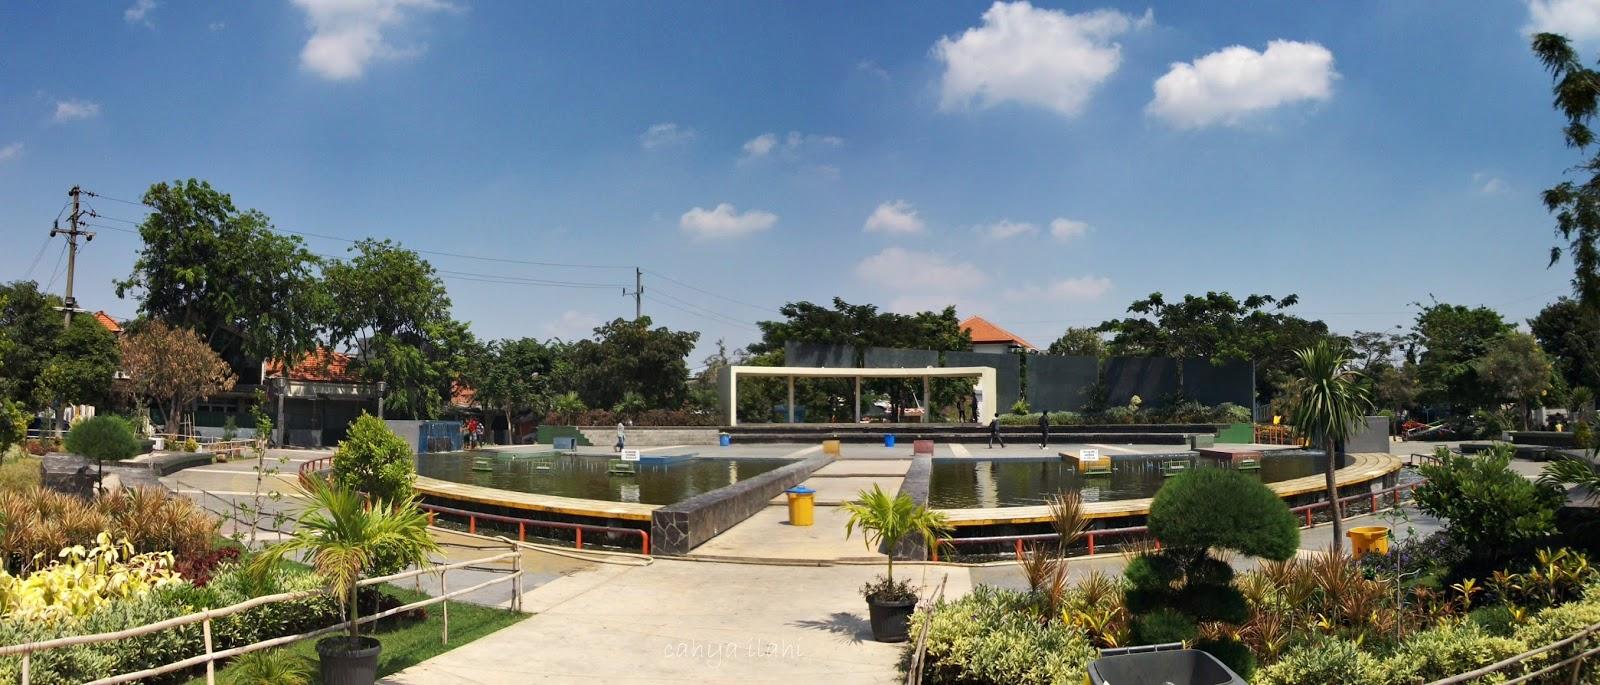 Tempat Asik Soerabaja Taman Mundu Surabaya Salah Satu Ruang Terbuka